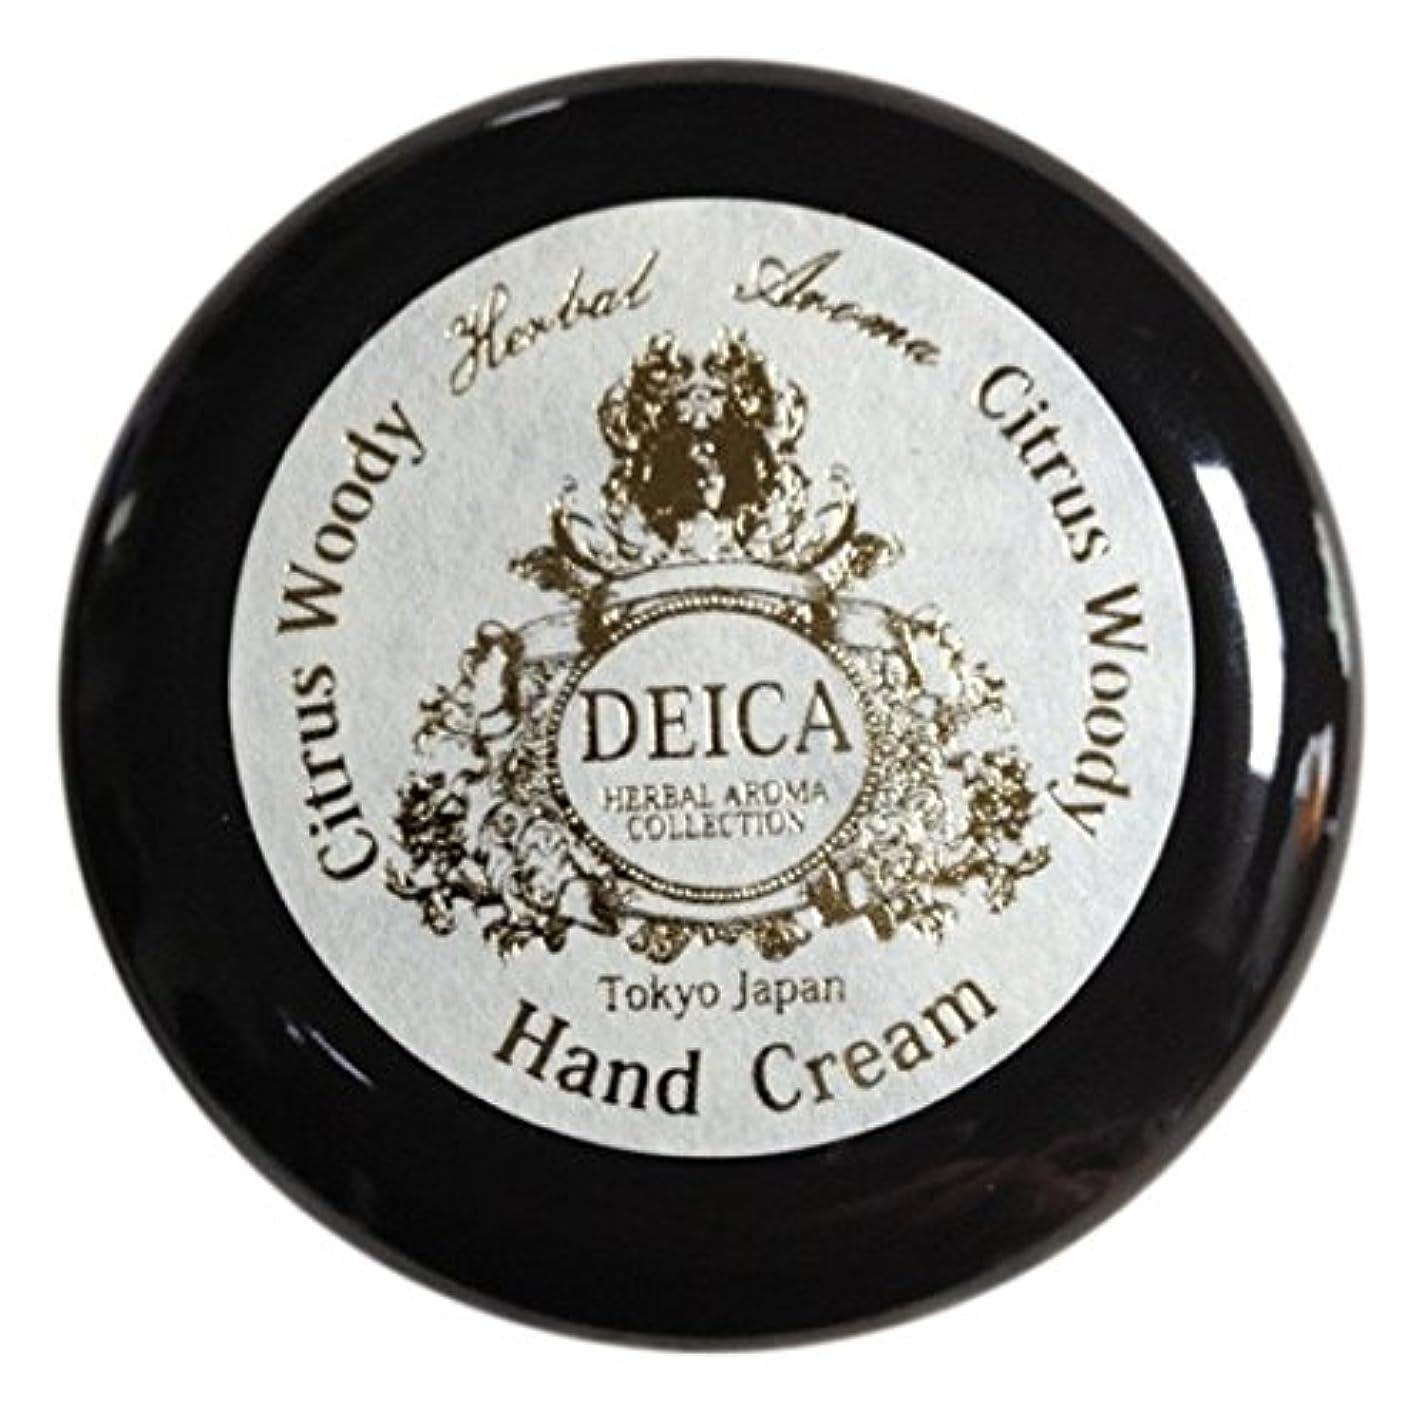 寝具つらい覚醒DEICA ハーバルアロマ ハンドクリーム シトラスウッディ